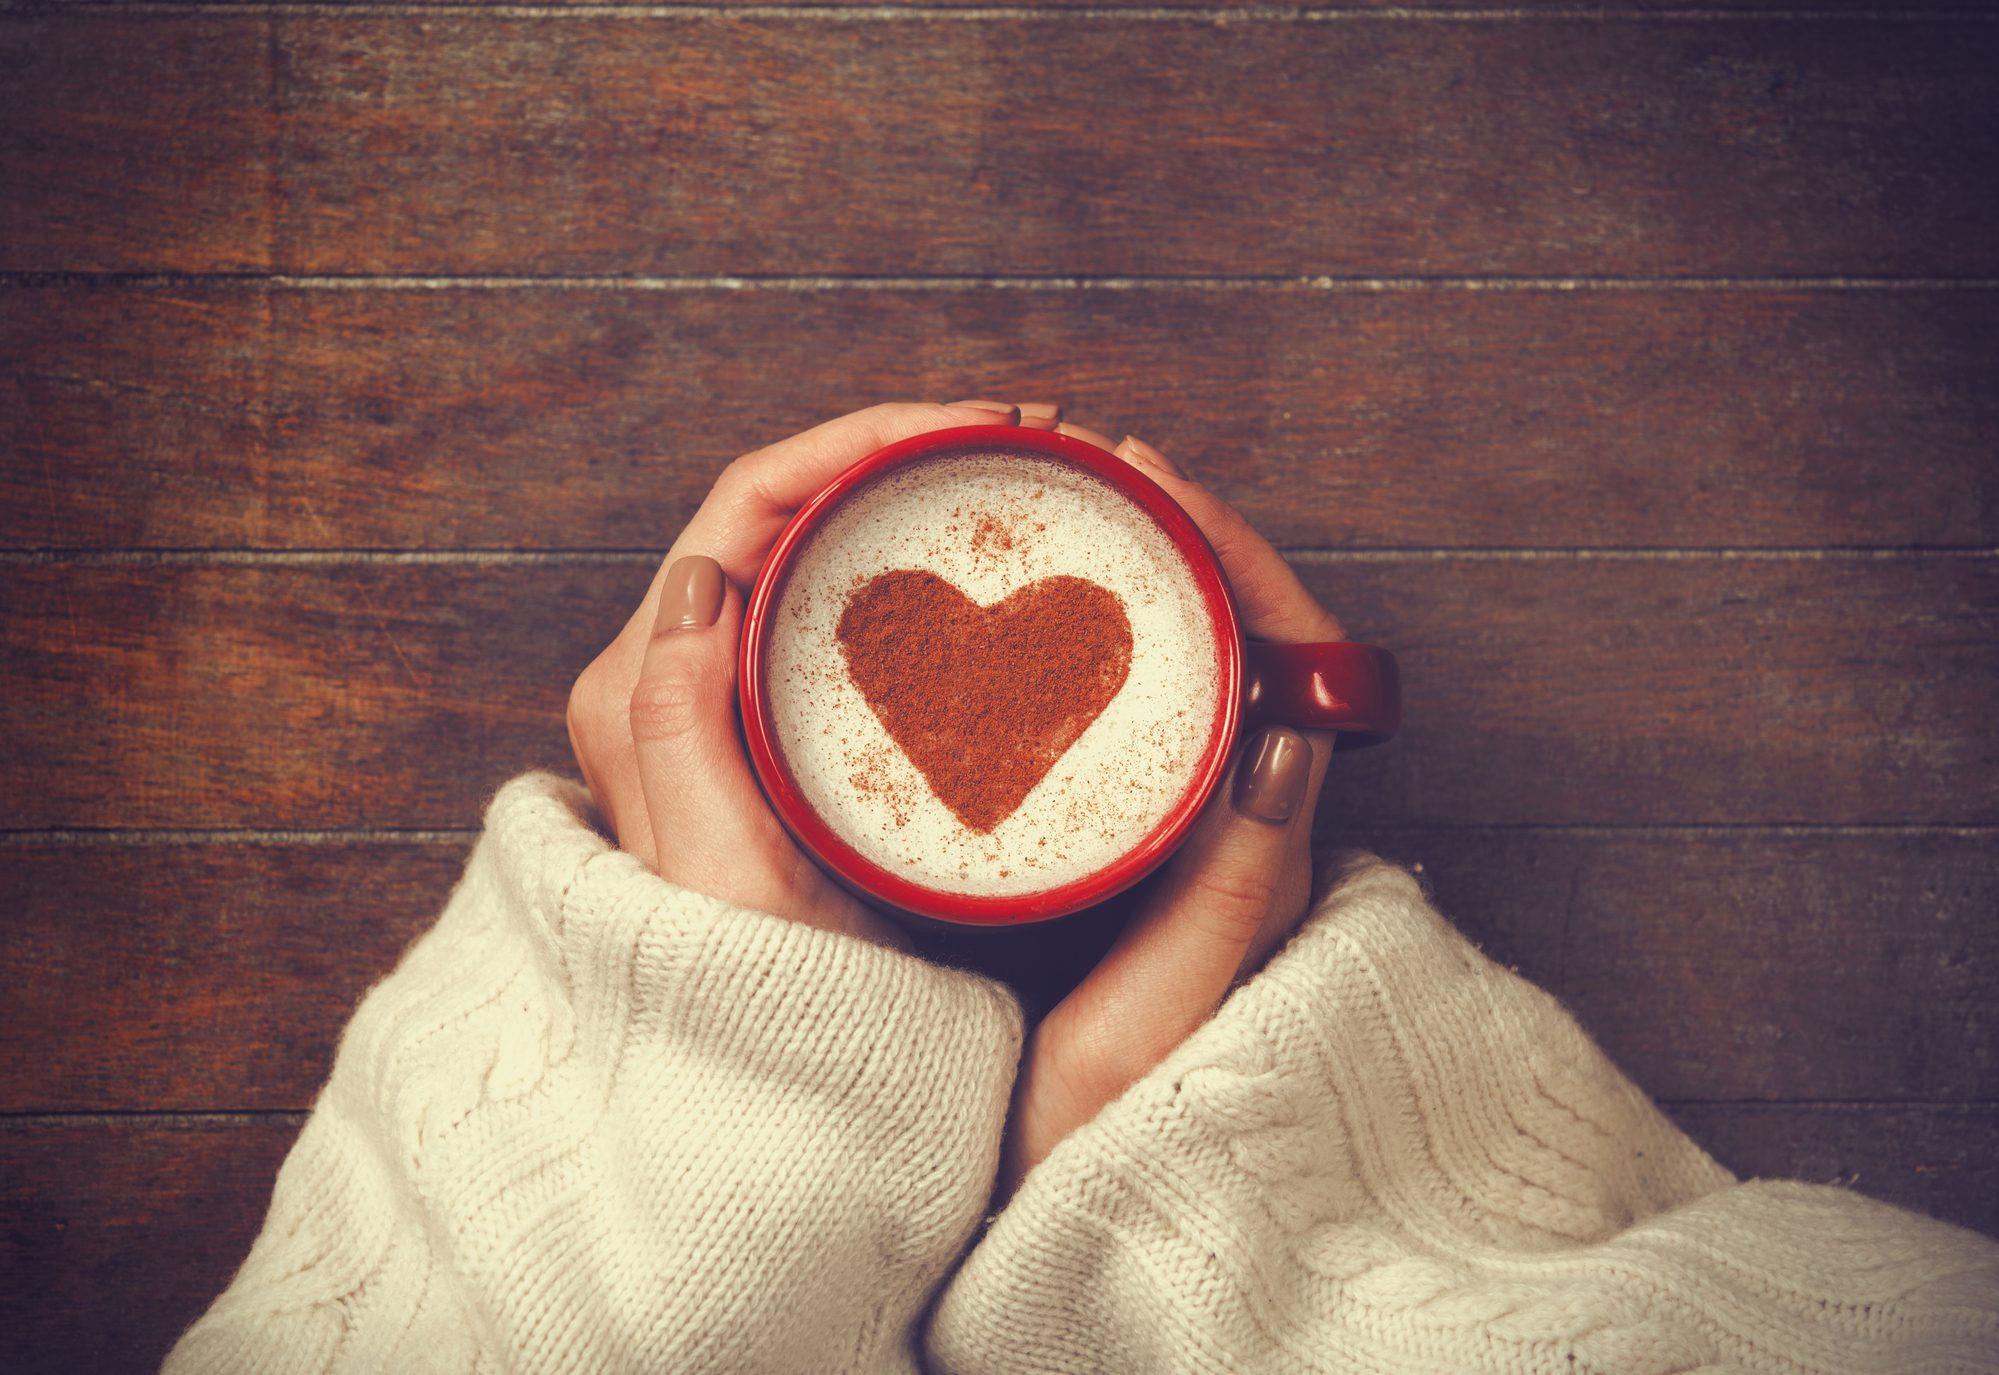 love, one word, coffee